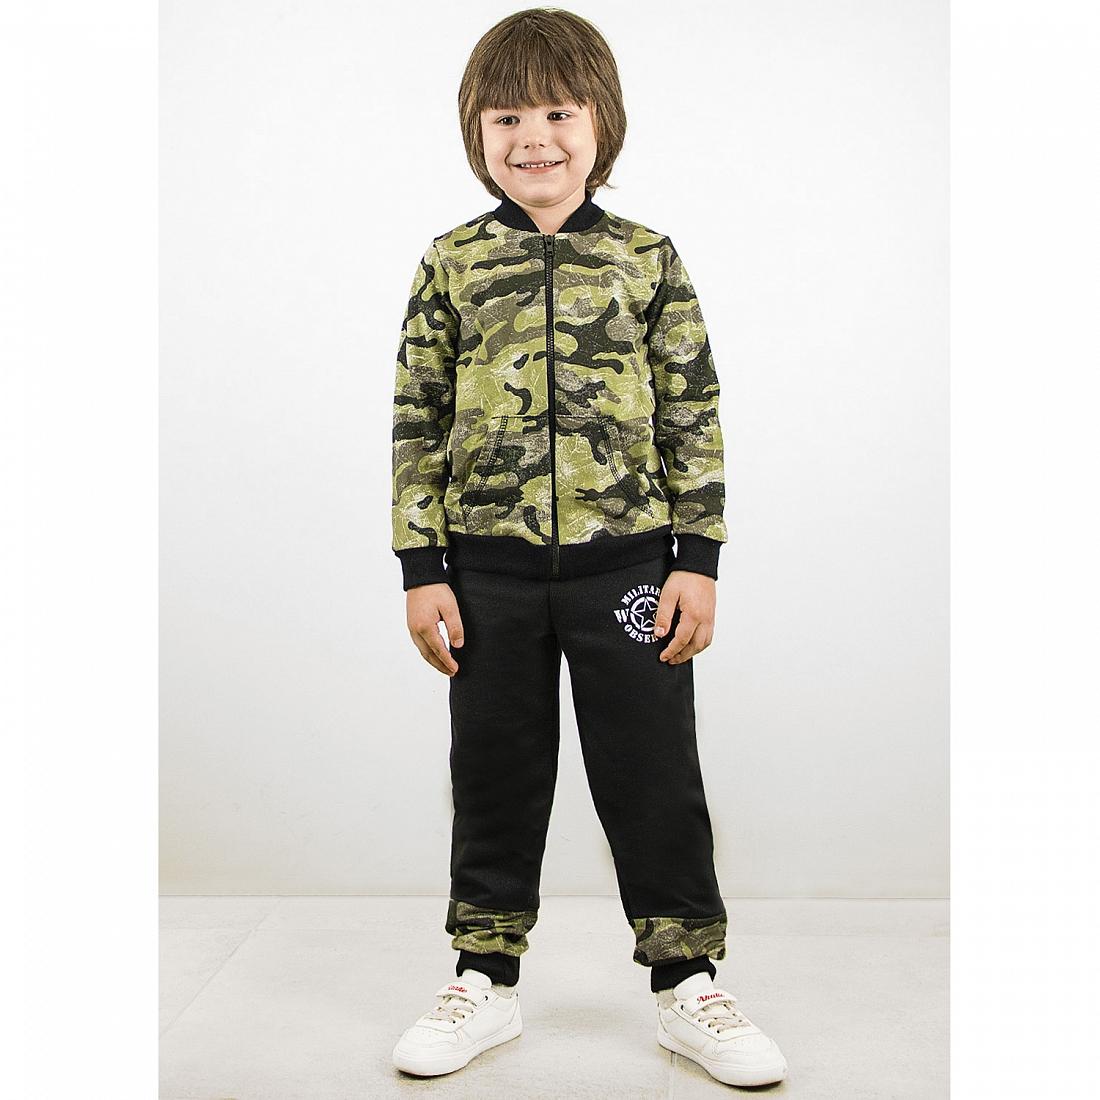 Спортивный костюм для мальчиков Юлла 920/990фд ап цв. зеленый  р.122